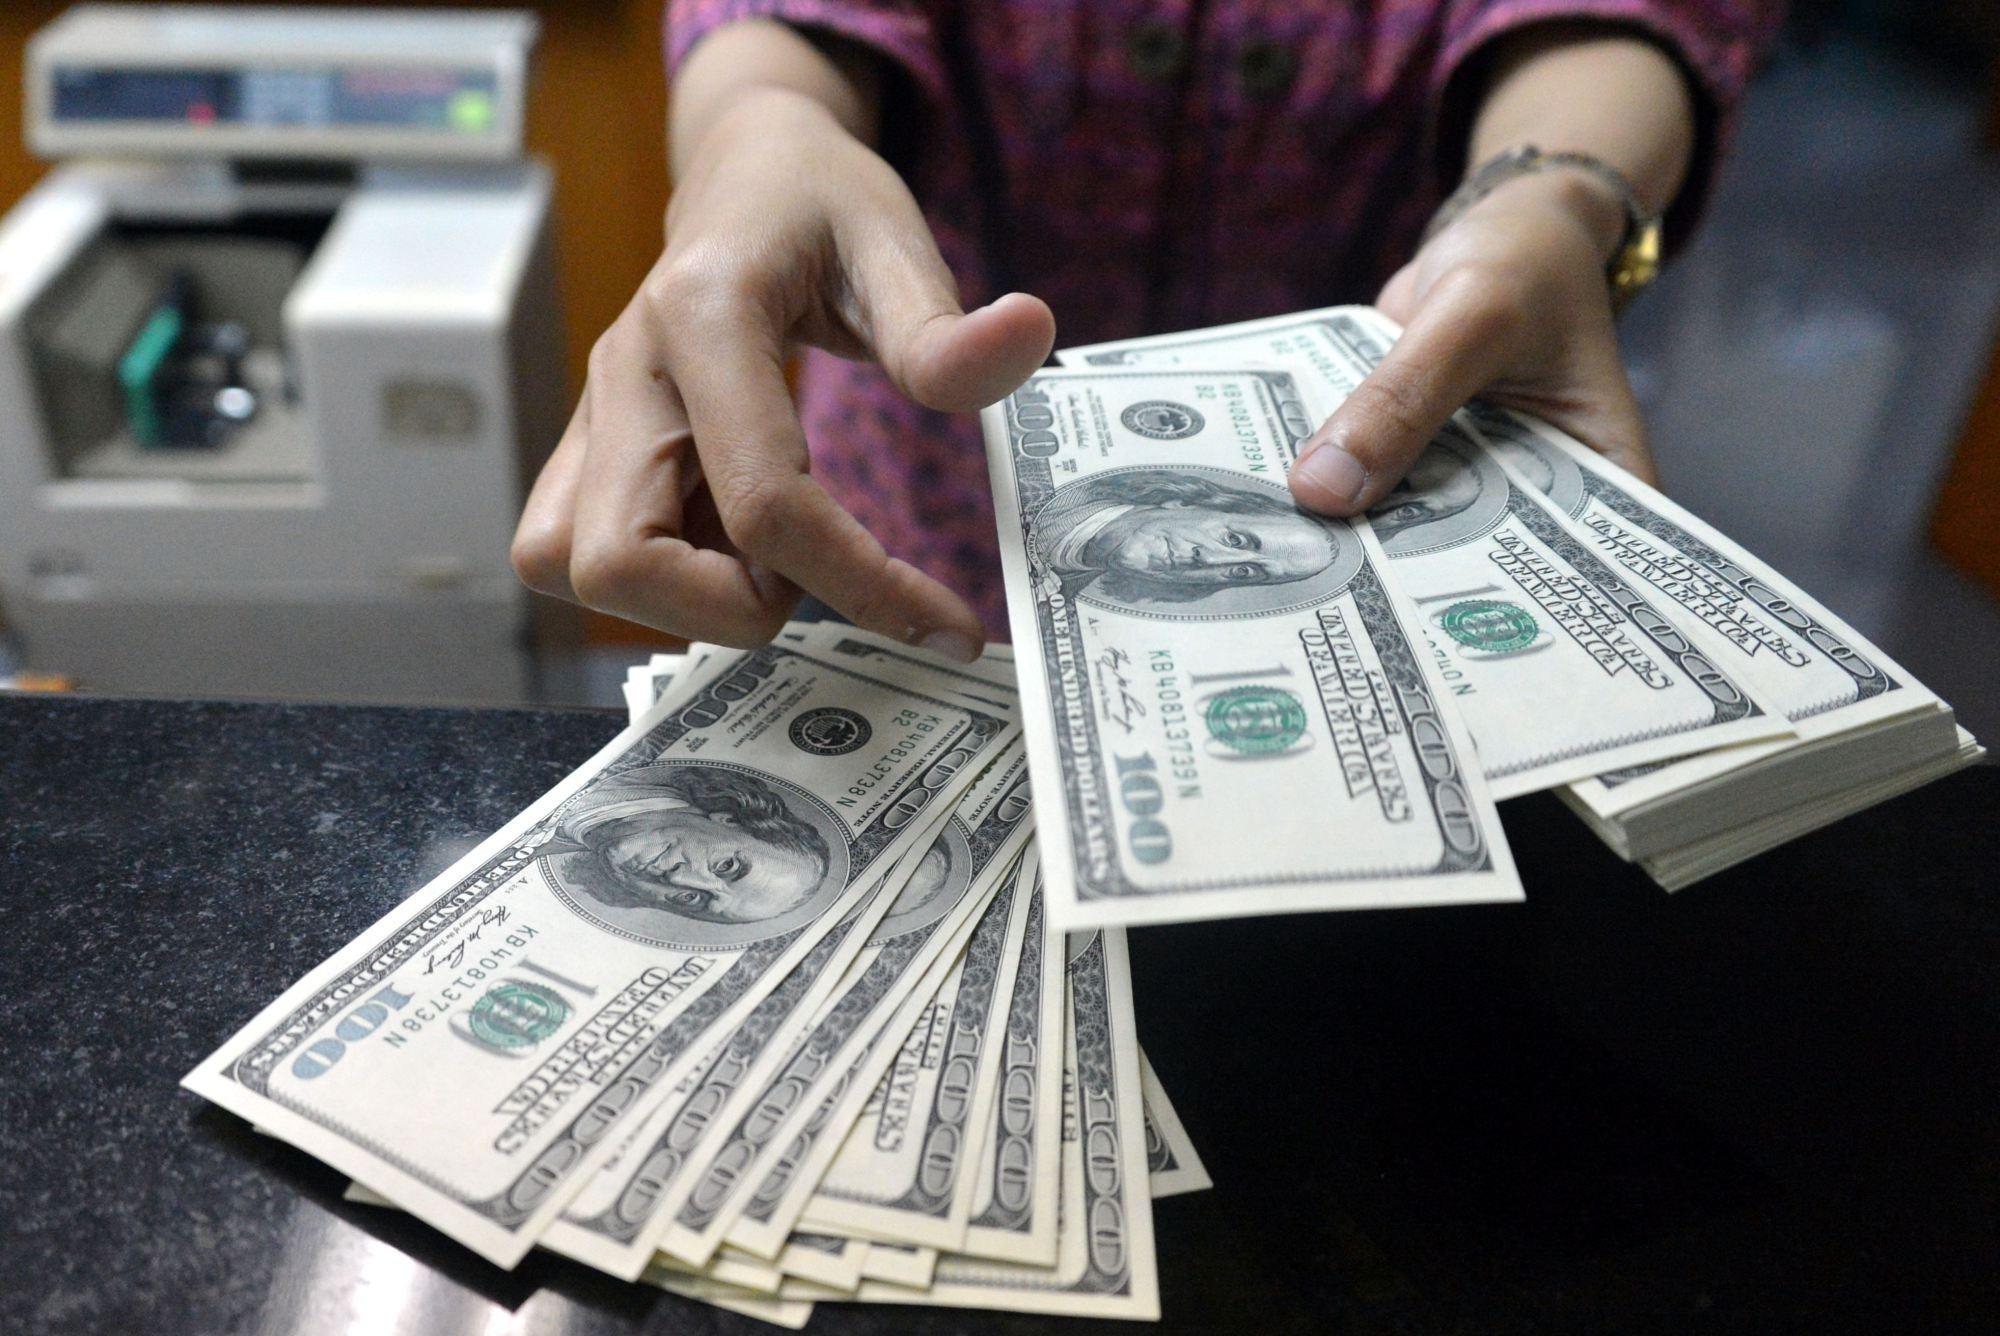 http://shbabbek.com/upload/الدولار يصل 18.23.. تعرف على الأسعار في البنوك المصرية